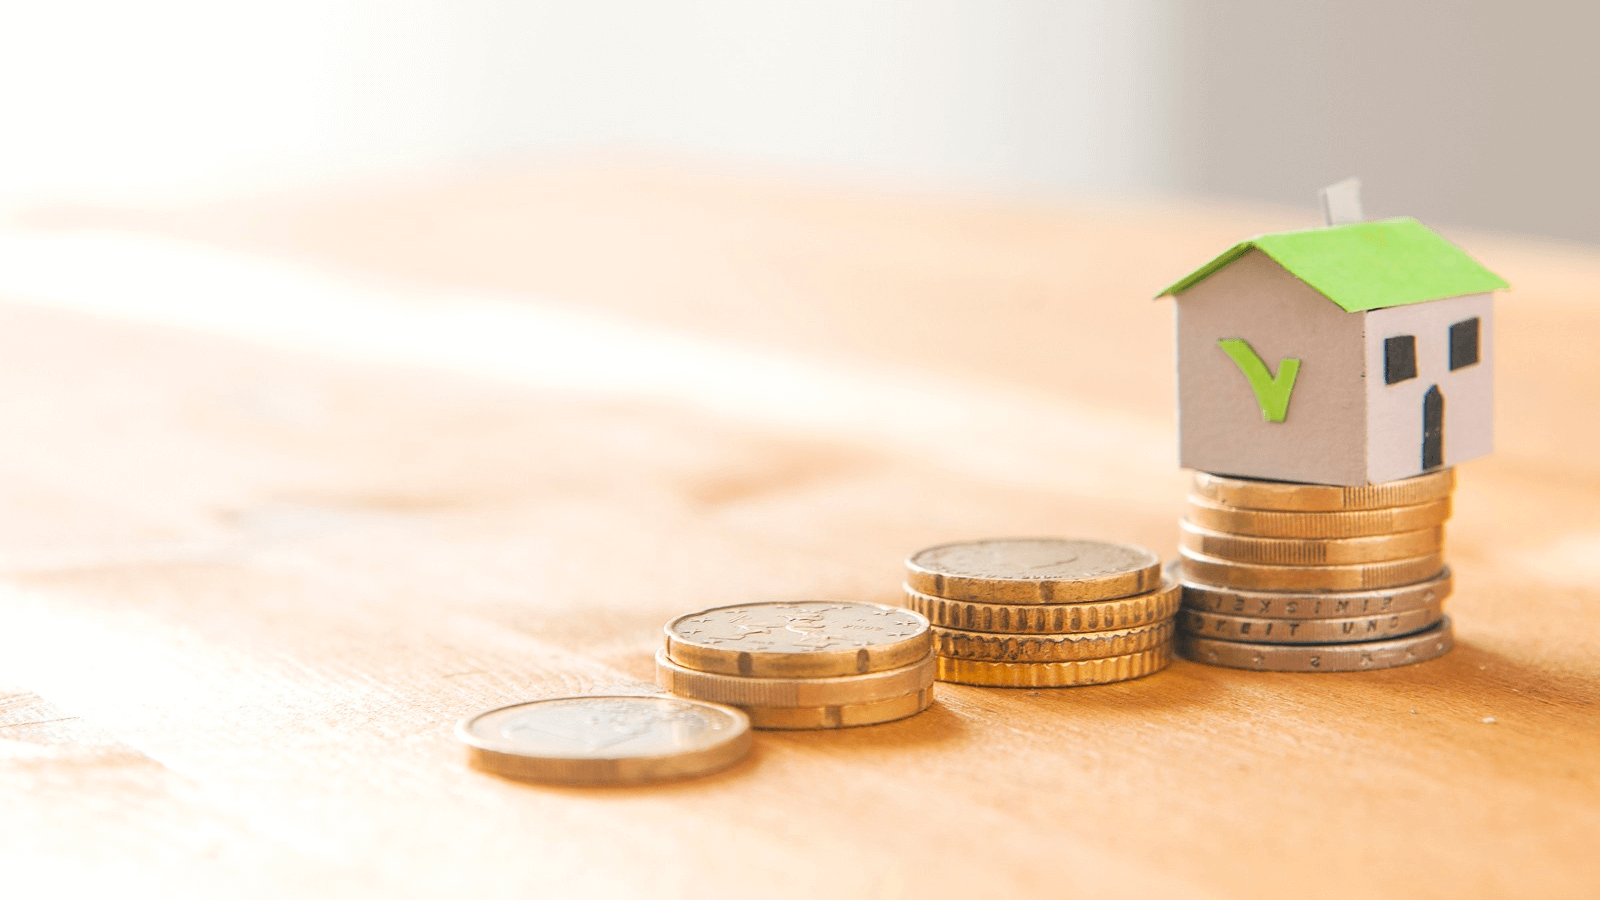 Préstamos hipotecarios: ¿qué son y cómo se aplican en Panamá?